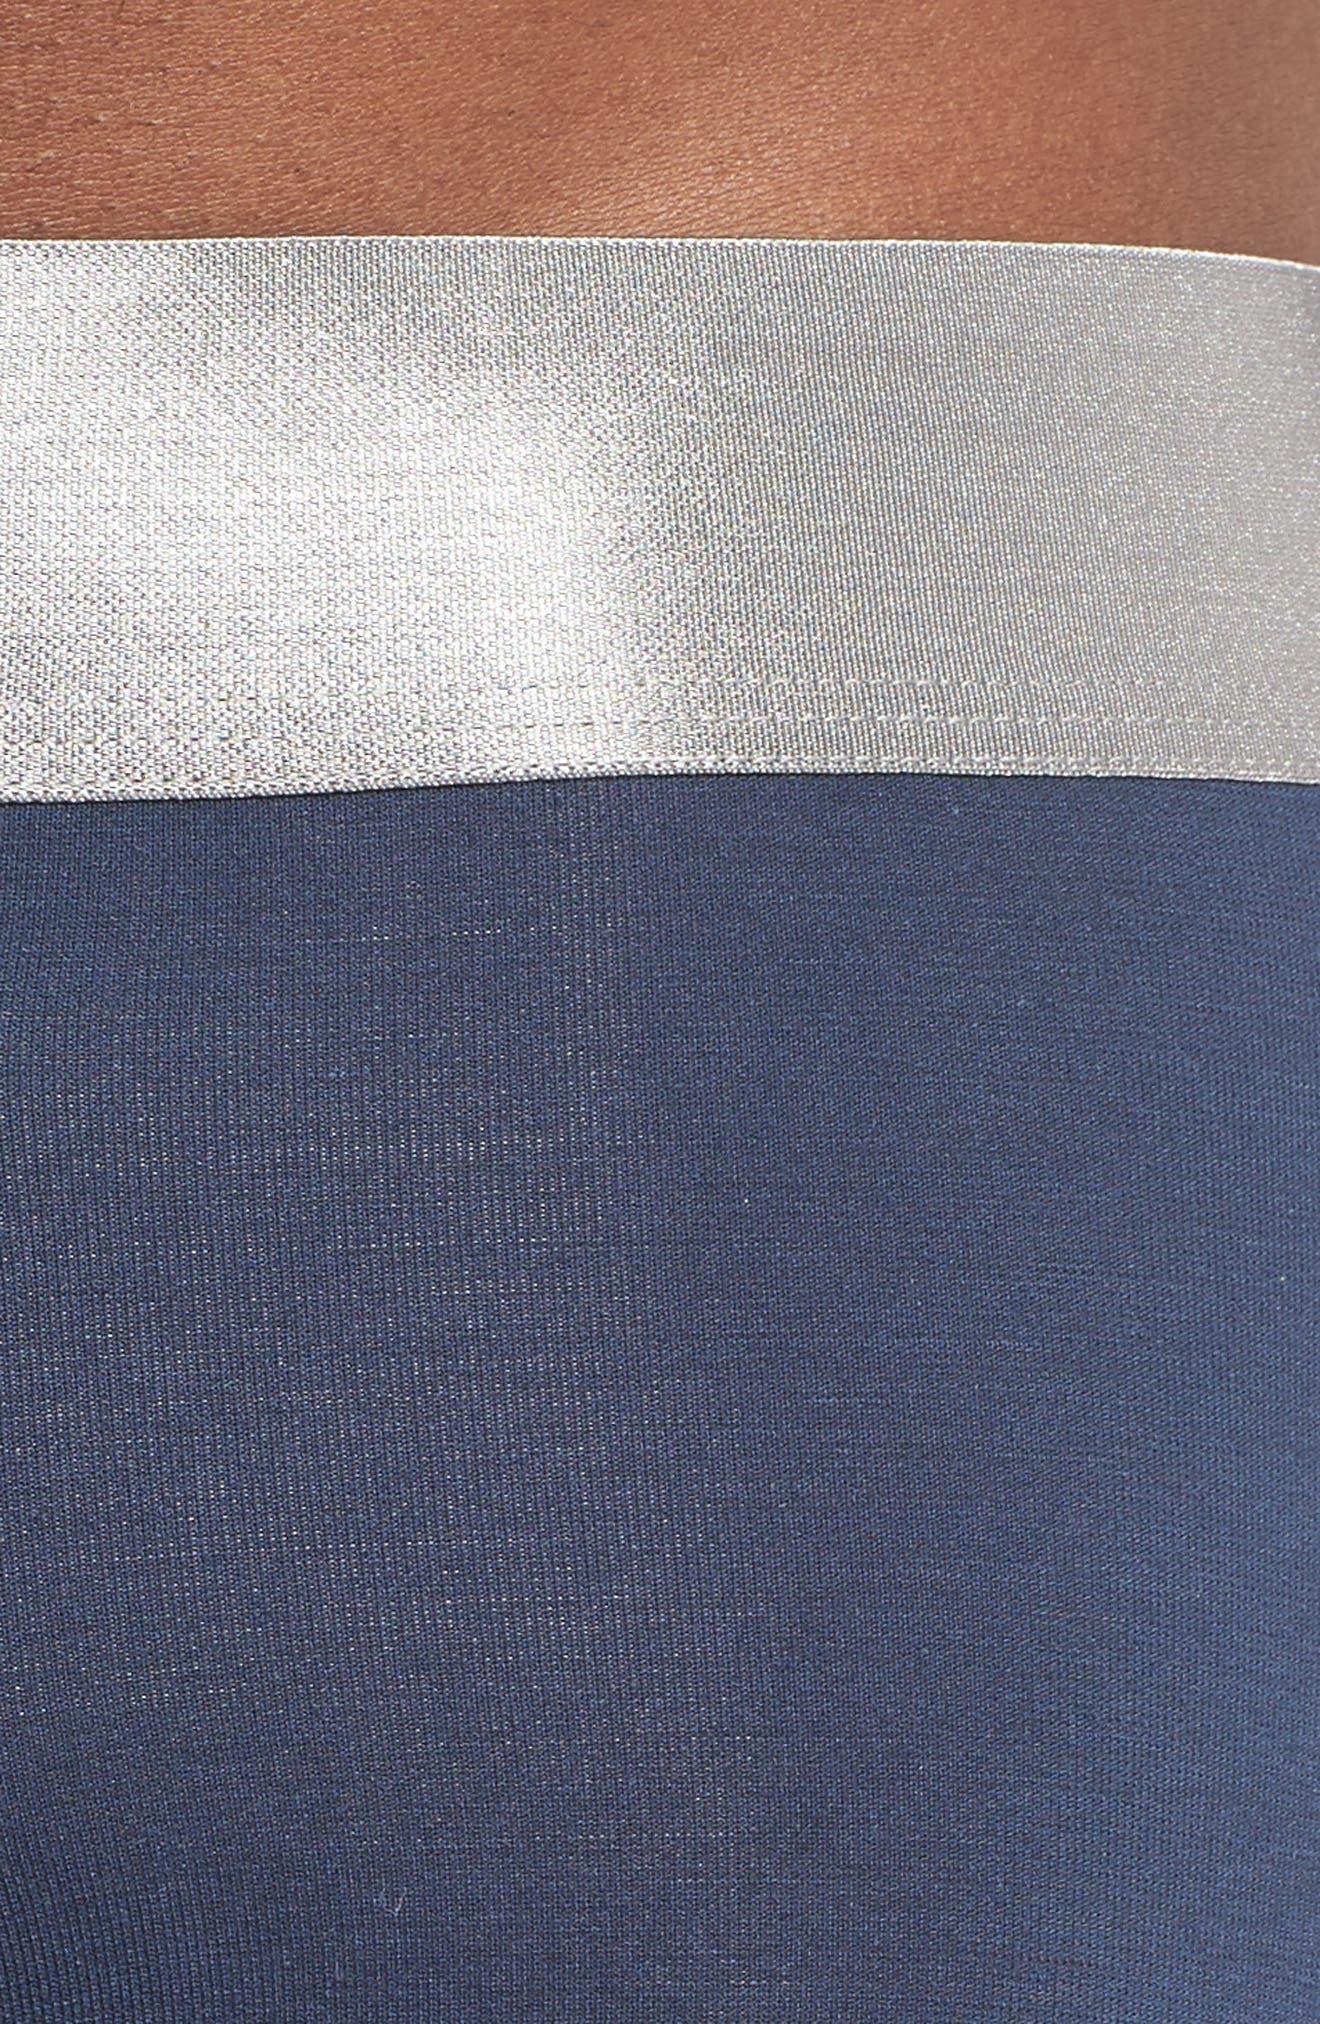 Second Skin Titanium Trunks,                             Alternate thumbnail 4, color,                             DRESS BLUES